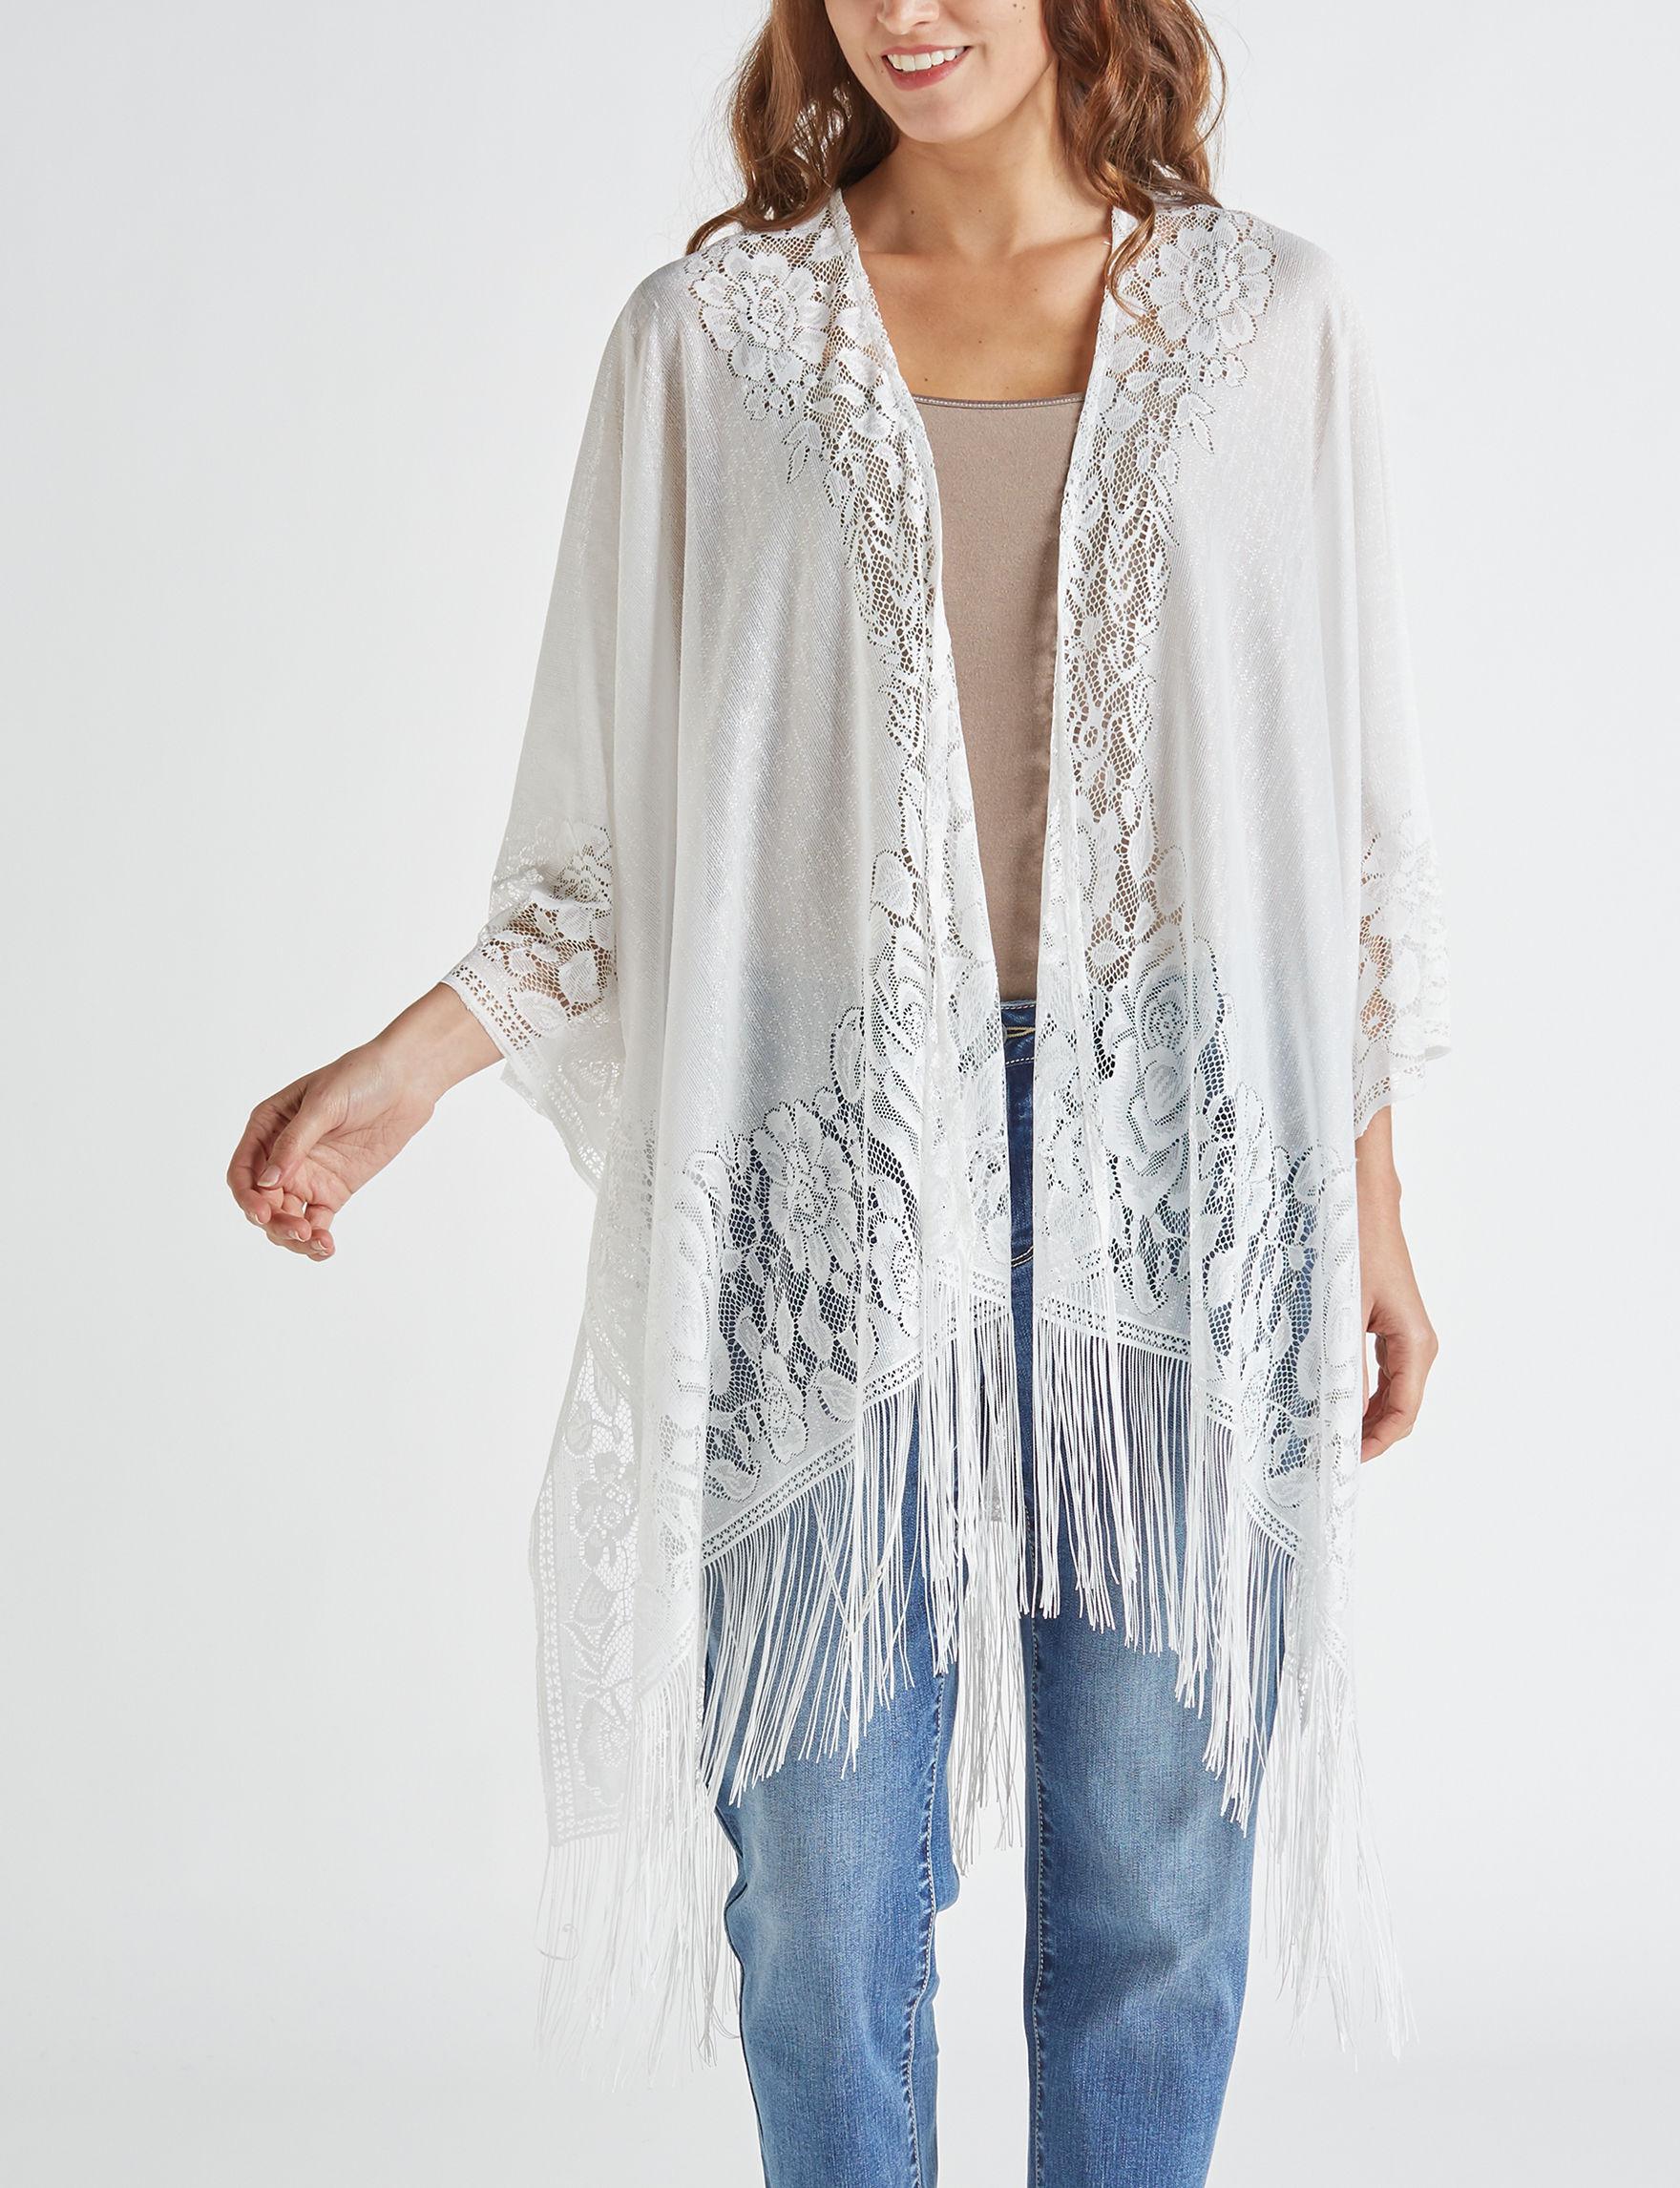 Basha Ivory Kimonos & Toppers Scarves & Wraps Ruanas